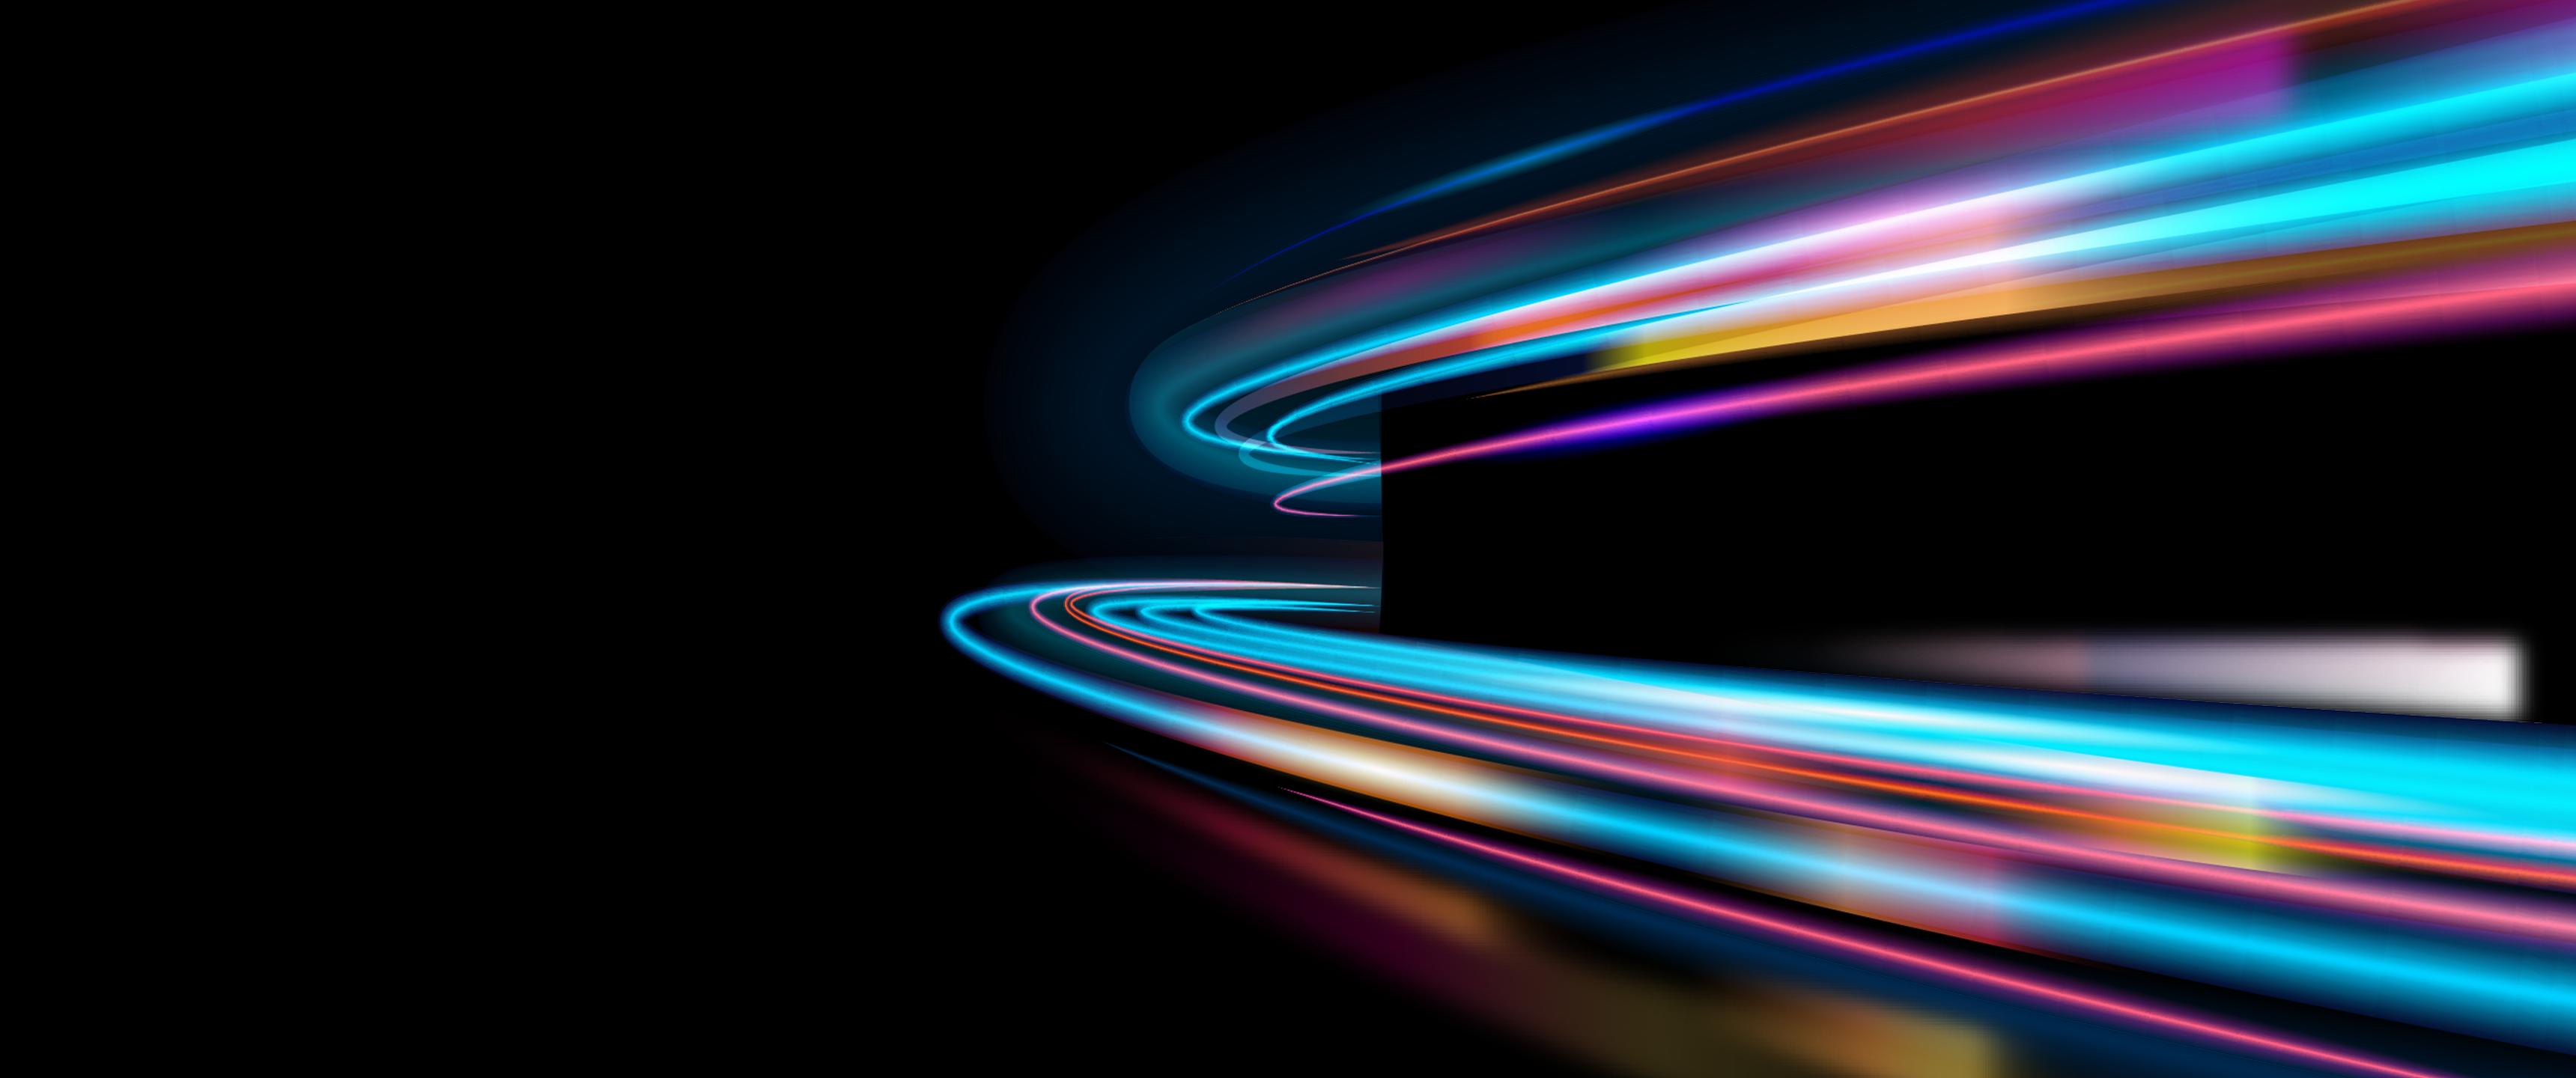 Ultrawide Wallpaper 4k Neon - 3440x1440 - Download HD ...